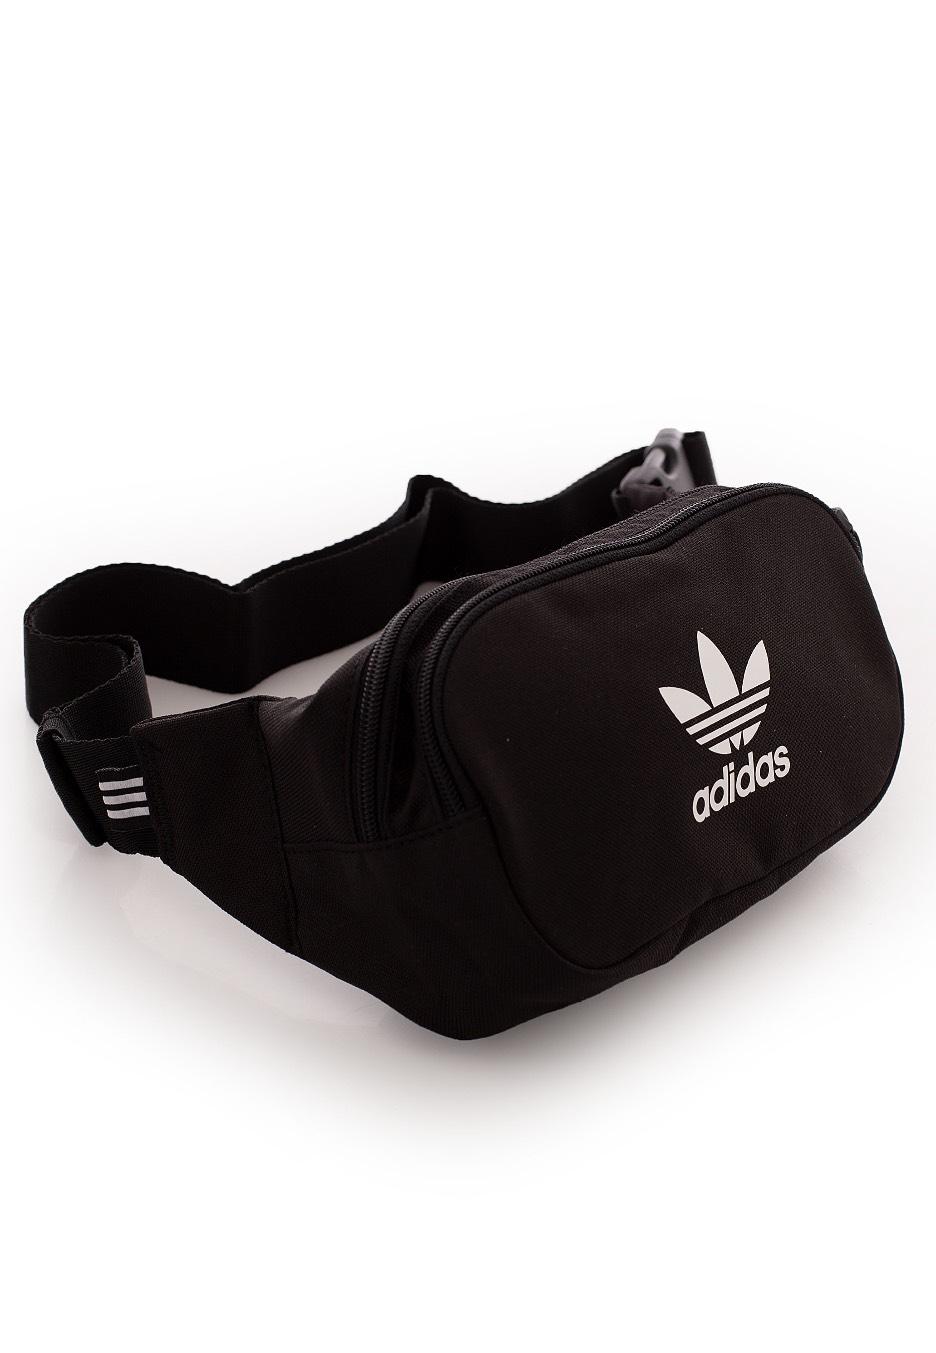 Adidas - Essential Black - Hip Bag - Streetwear Shop - Impericon.com AU 5f5346483f2c5